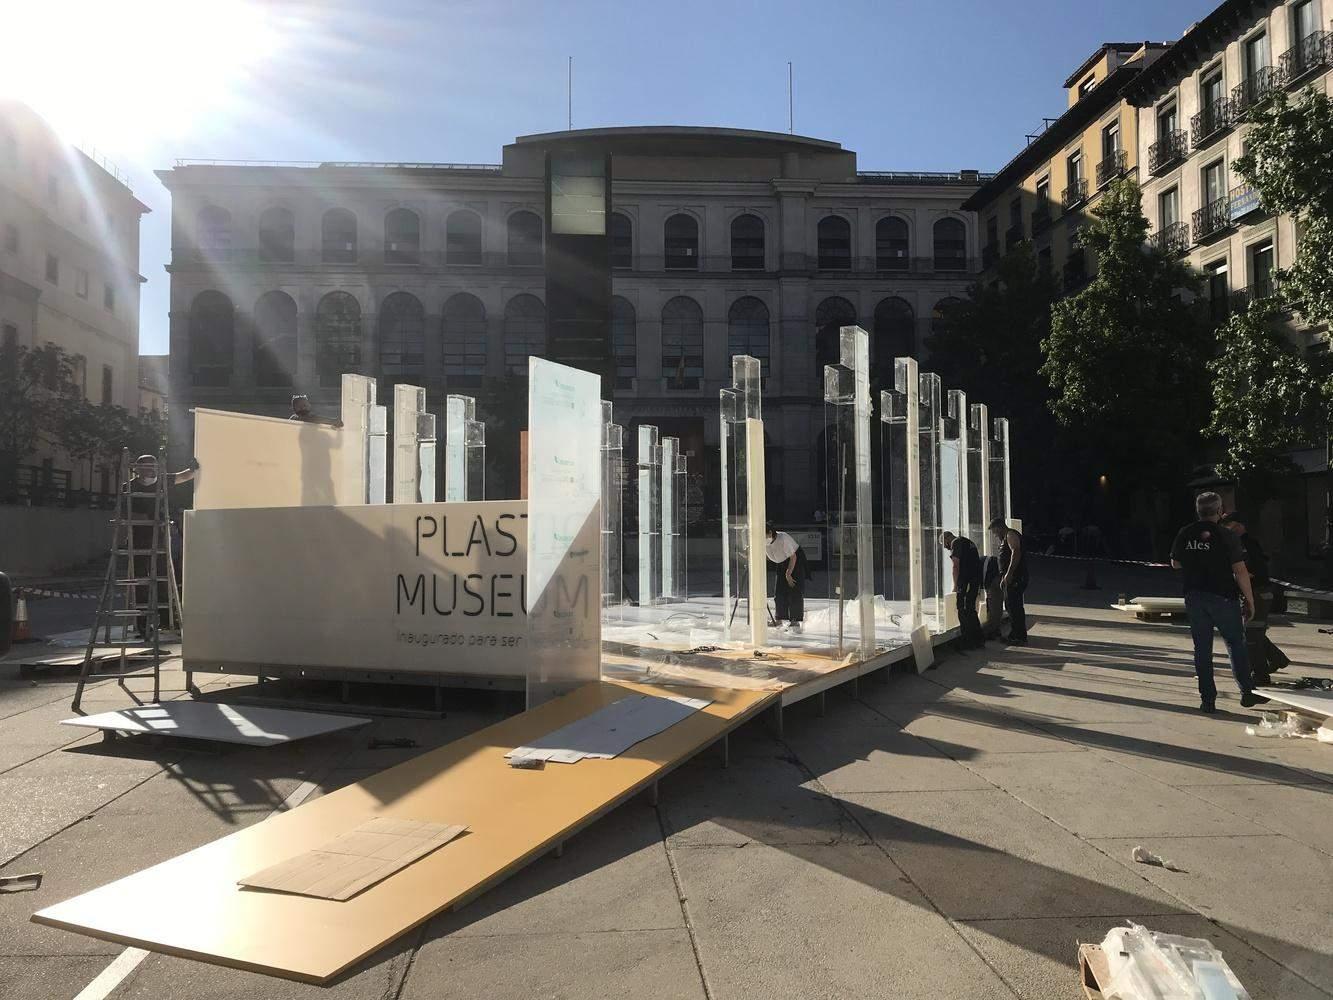 У Мадриді відкрили  музей пластику, який згодом відправили на переробку